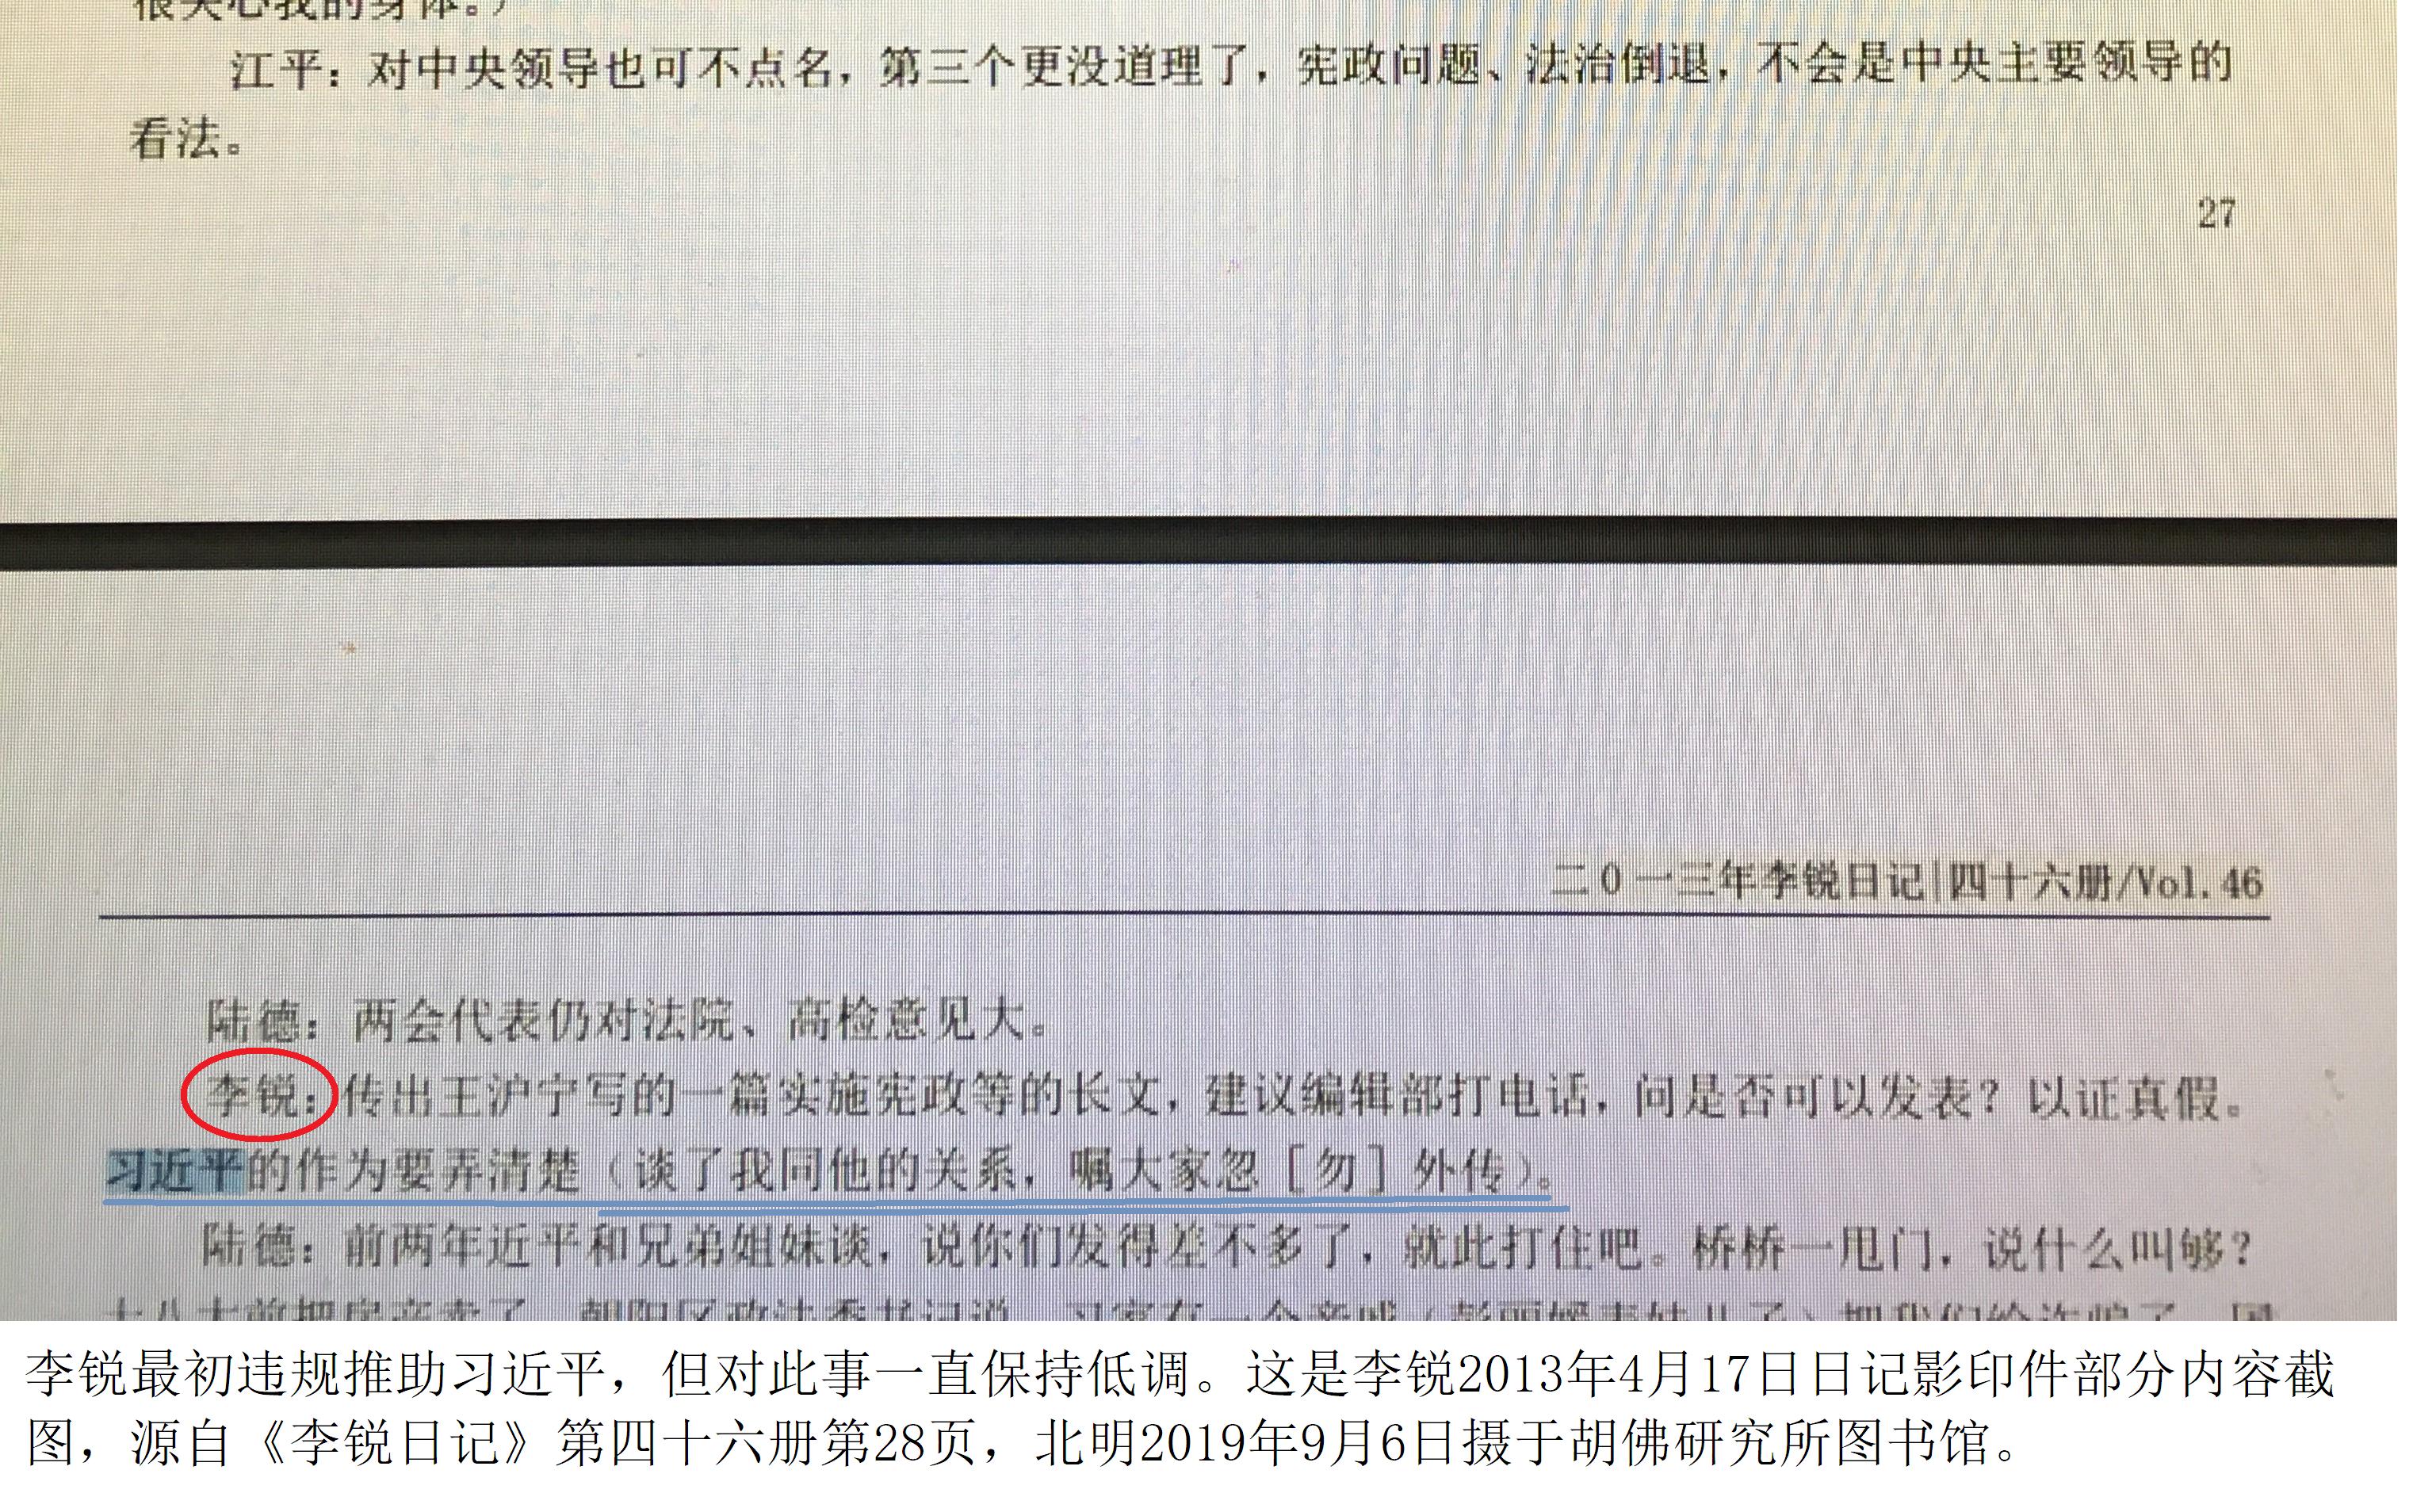 圖1 20130417 炎黃春秋 談與習的關係囑大家勿外傳.JPG